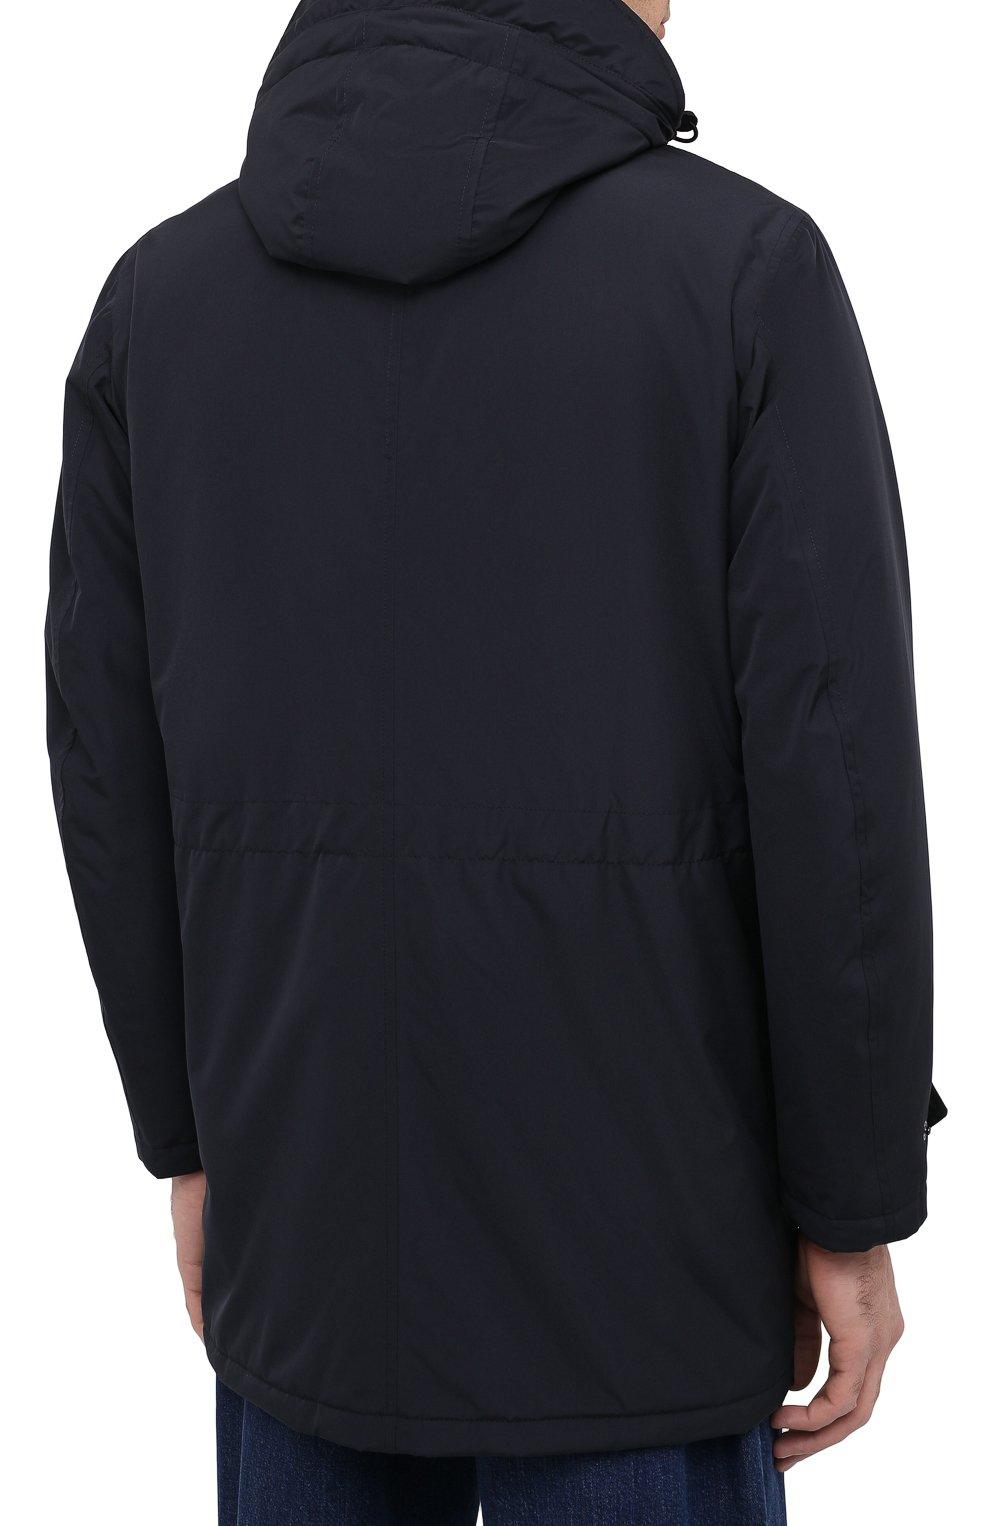 Мужская утепленная парка ASPESI темно-синего цвета, арт. W0 I 9I12 7981 | Фото 4 (Кросс-КТ: Куртка, Пуховик; Мужское Кросс-КТ: пуховик-короткий, Пуховик-верхняя одежда, Верхняя одежда; Рукава: Длинные; Материал внешний: Синтетический материал; Материал подклада: Синтетический материал)